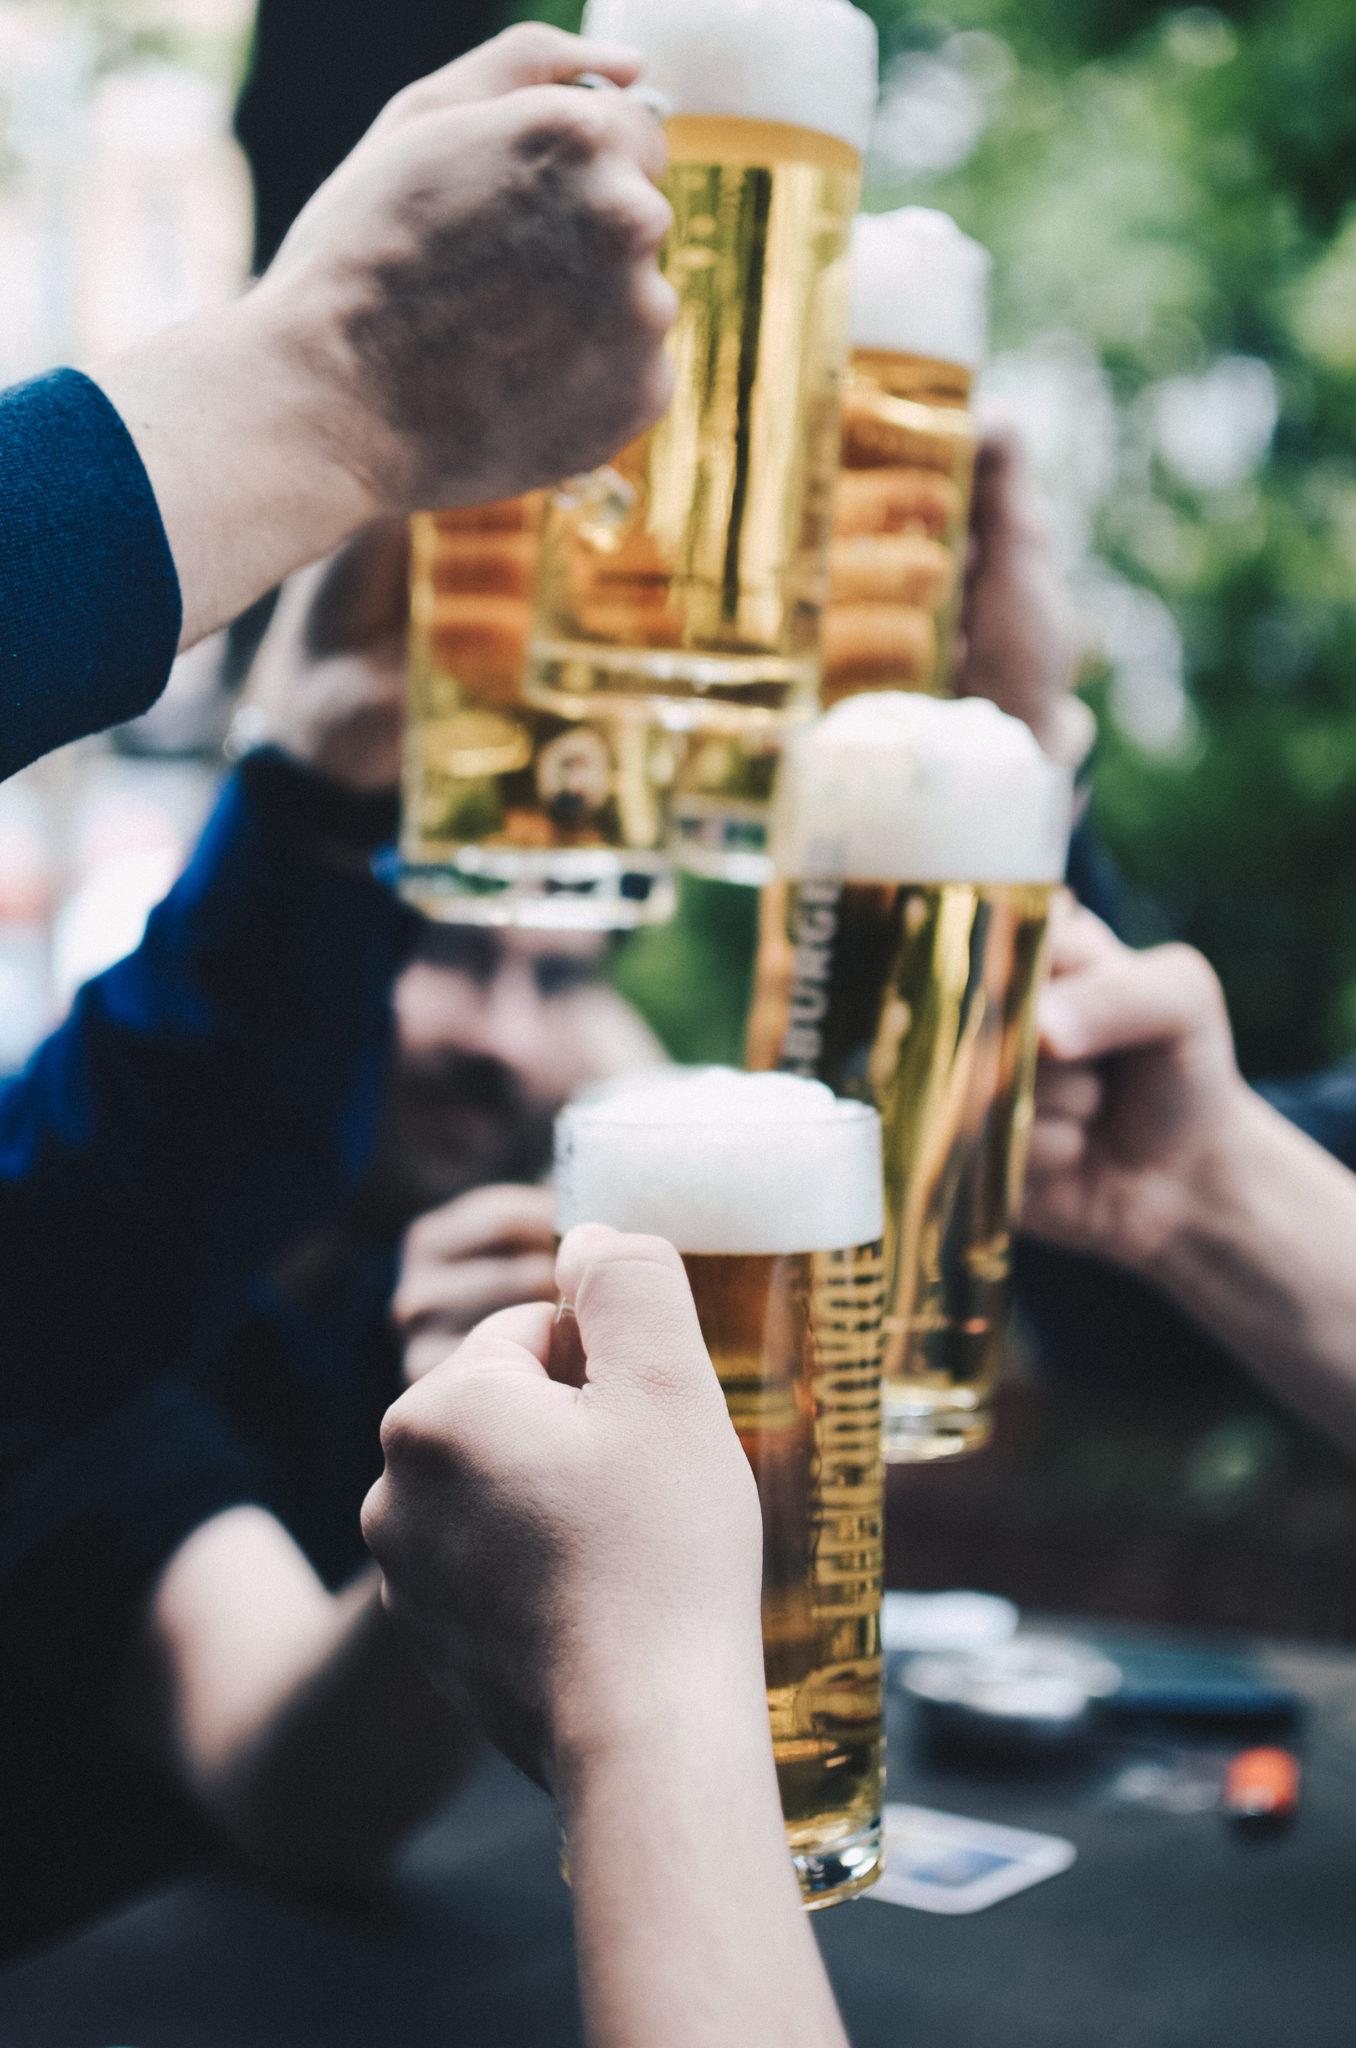 Wir brauen unser eigenes Bier!